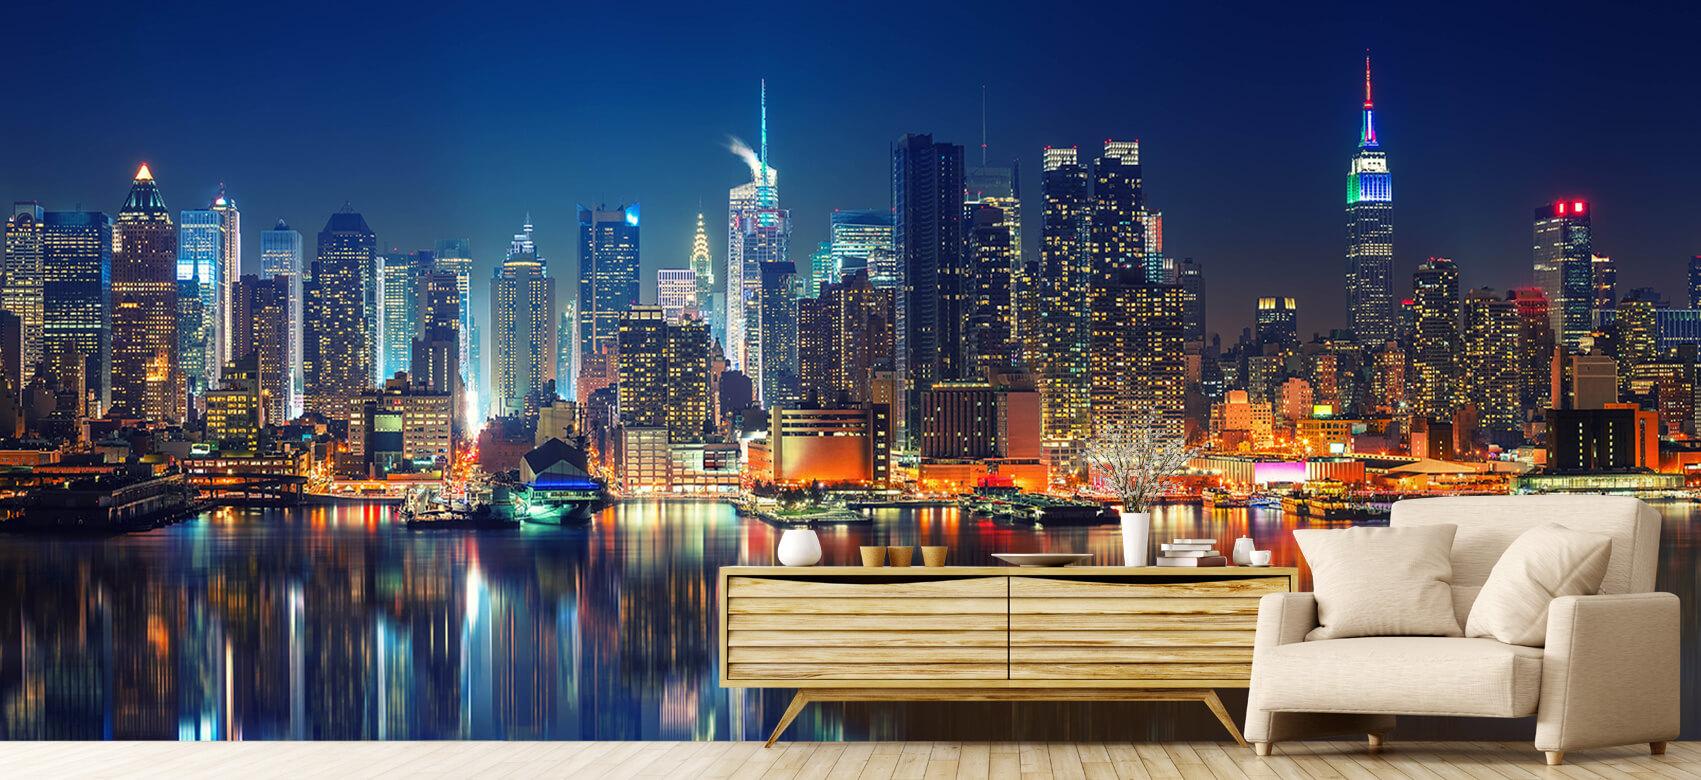 World & Cities Photo wallpaper New York skyline at night 6